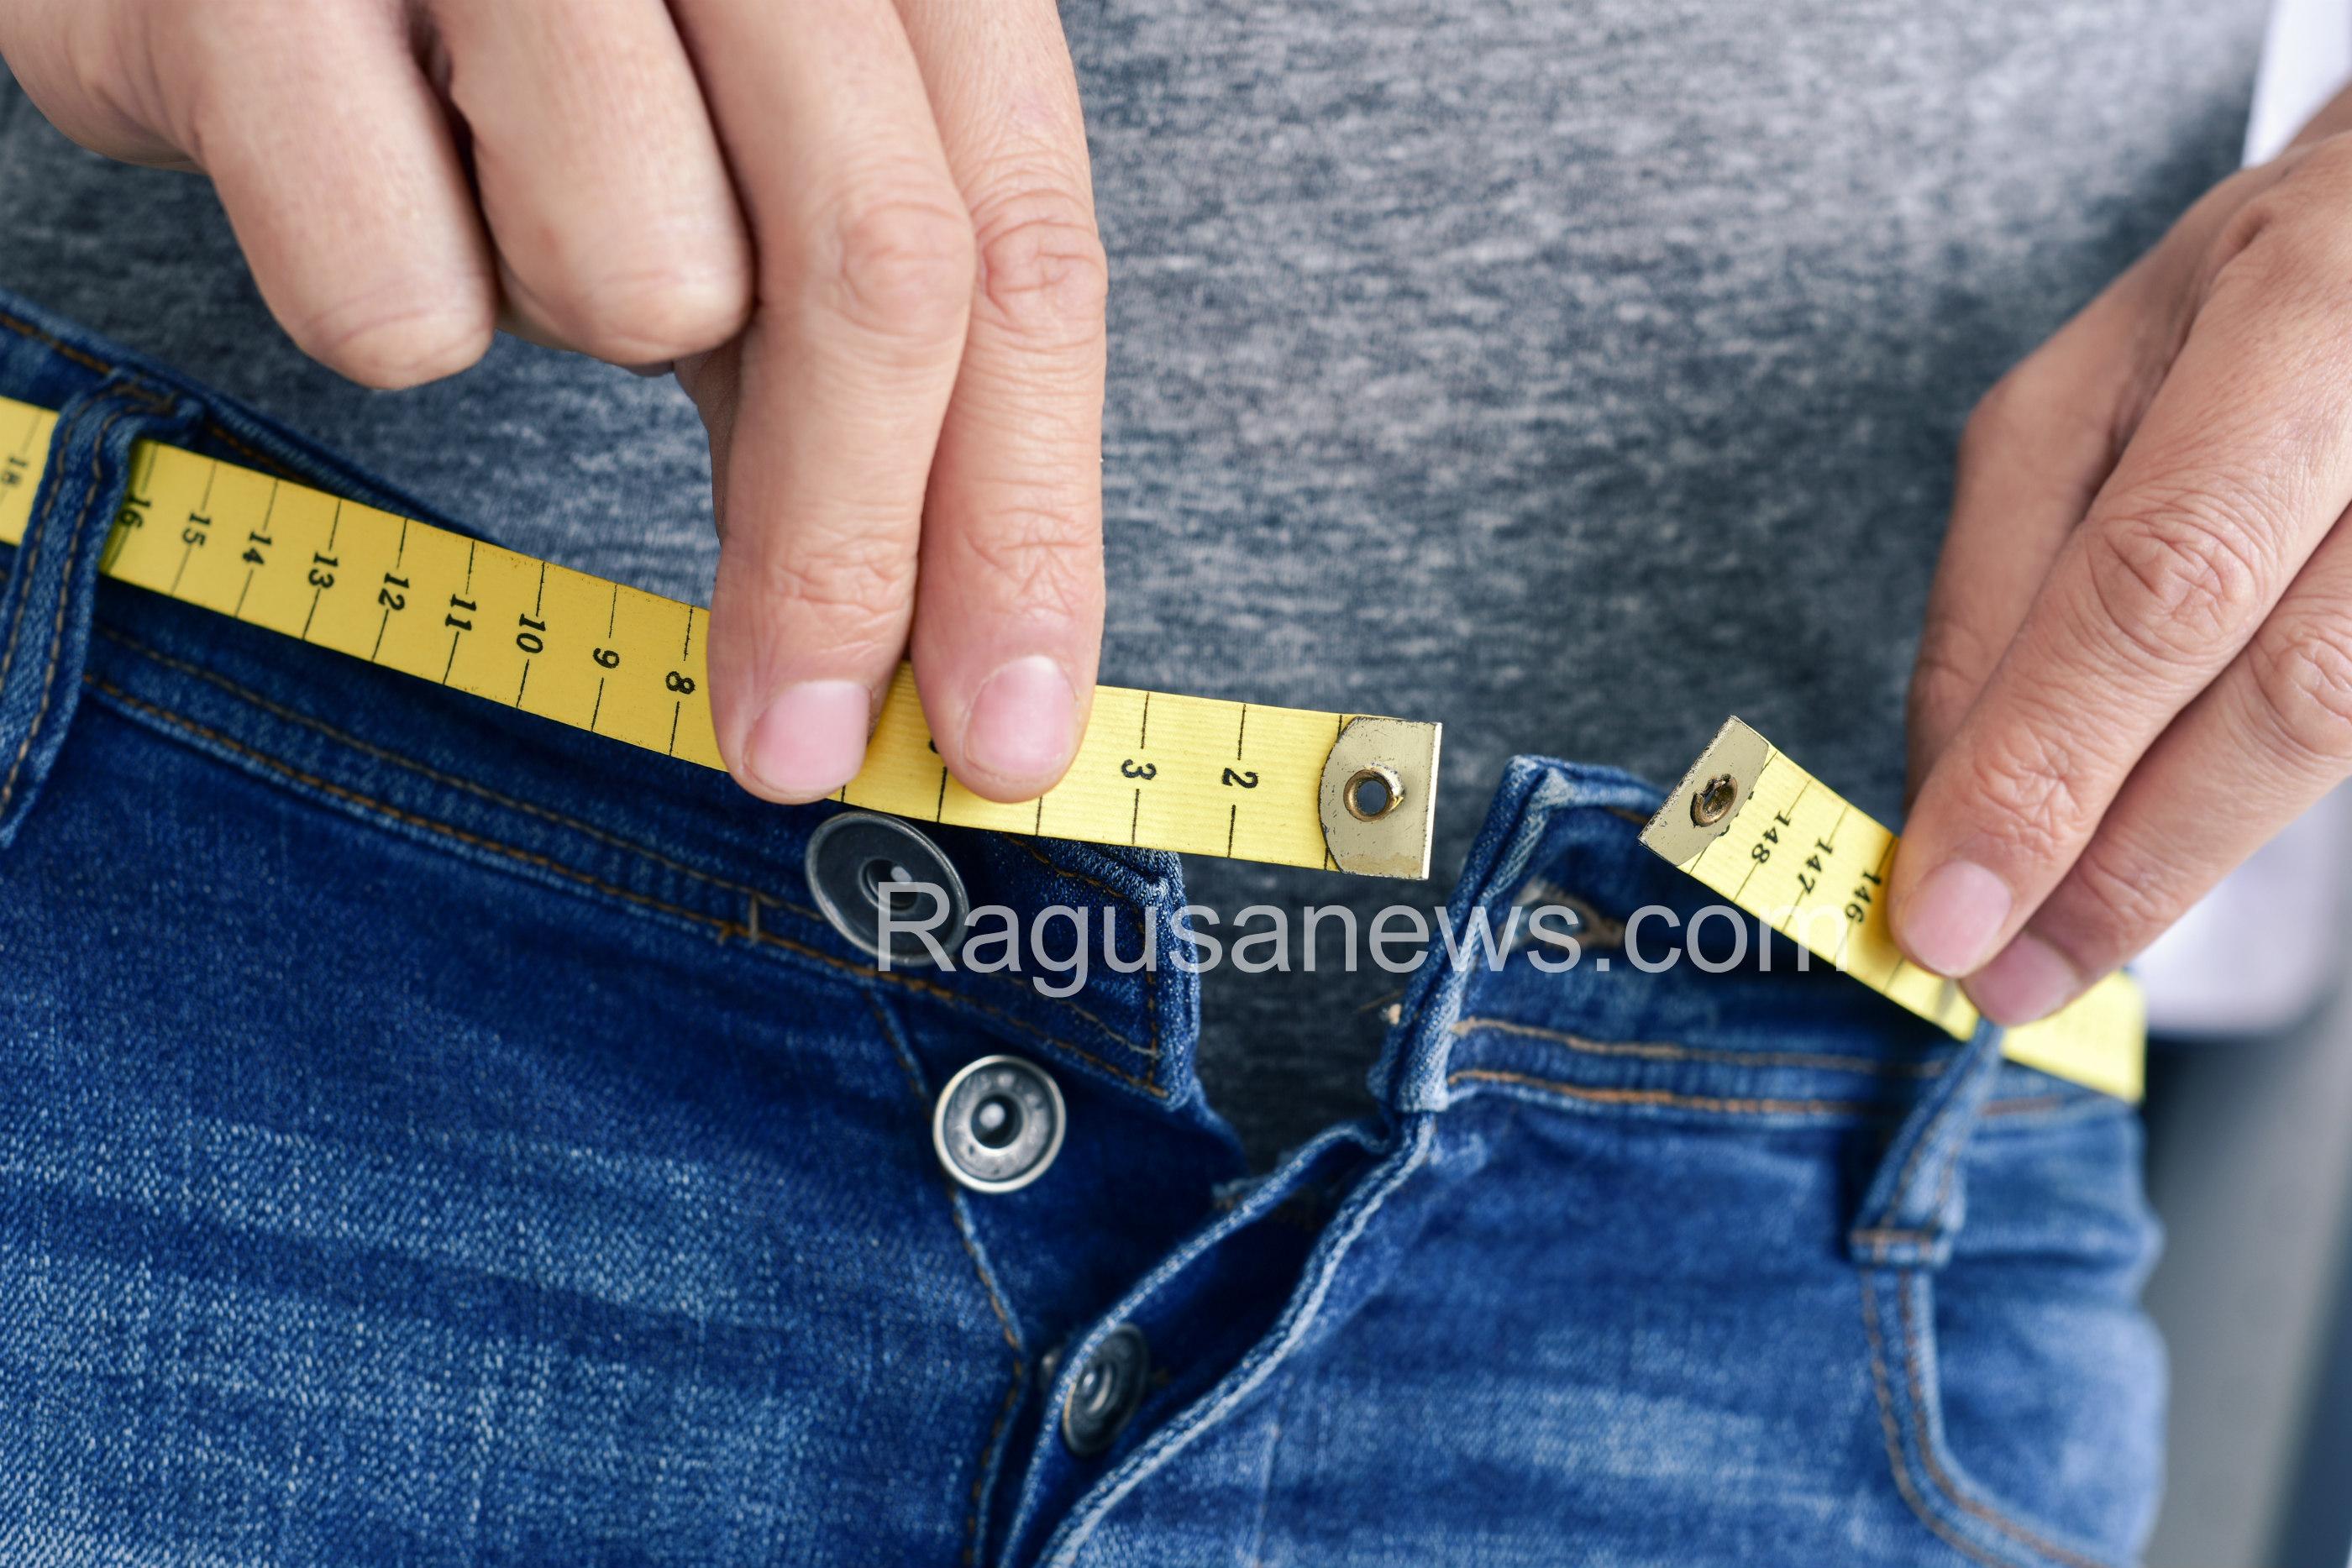 perdere peso mentre frequentando